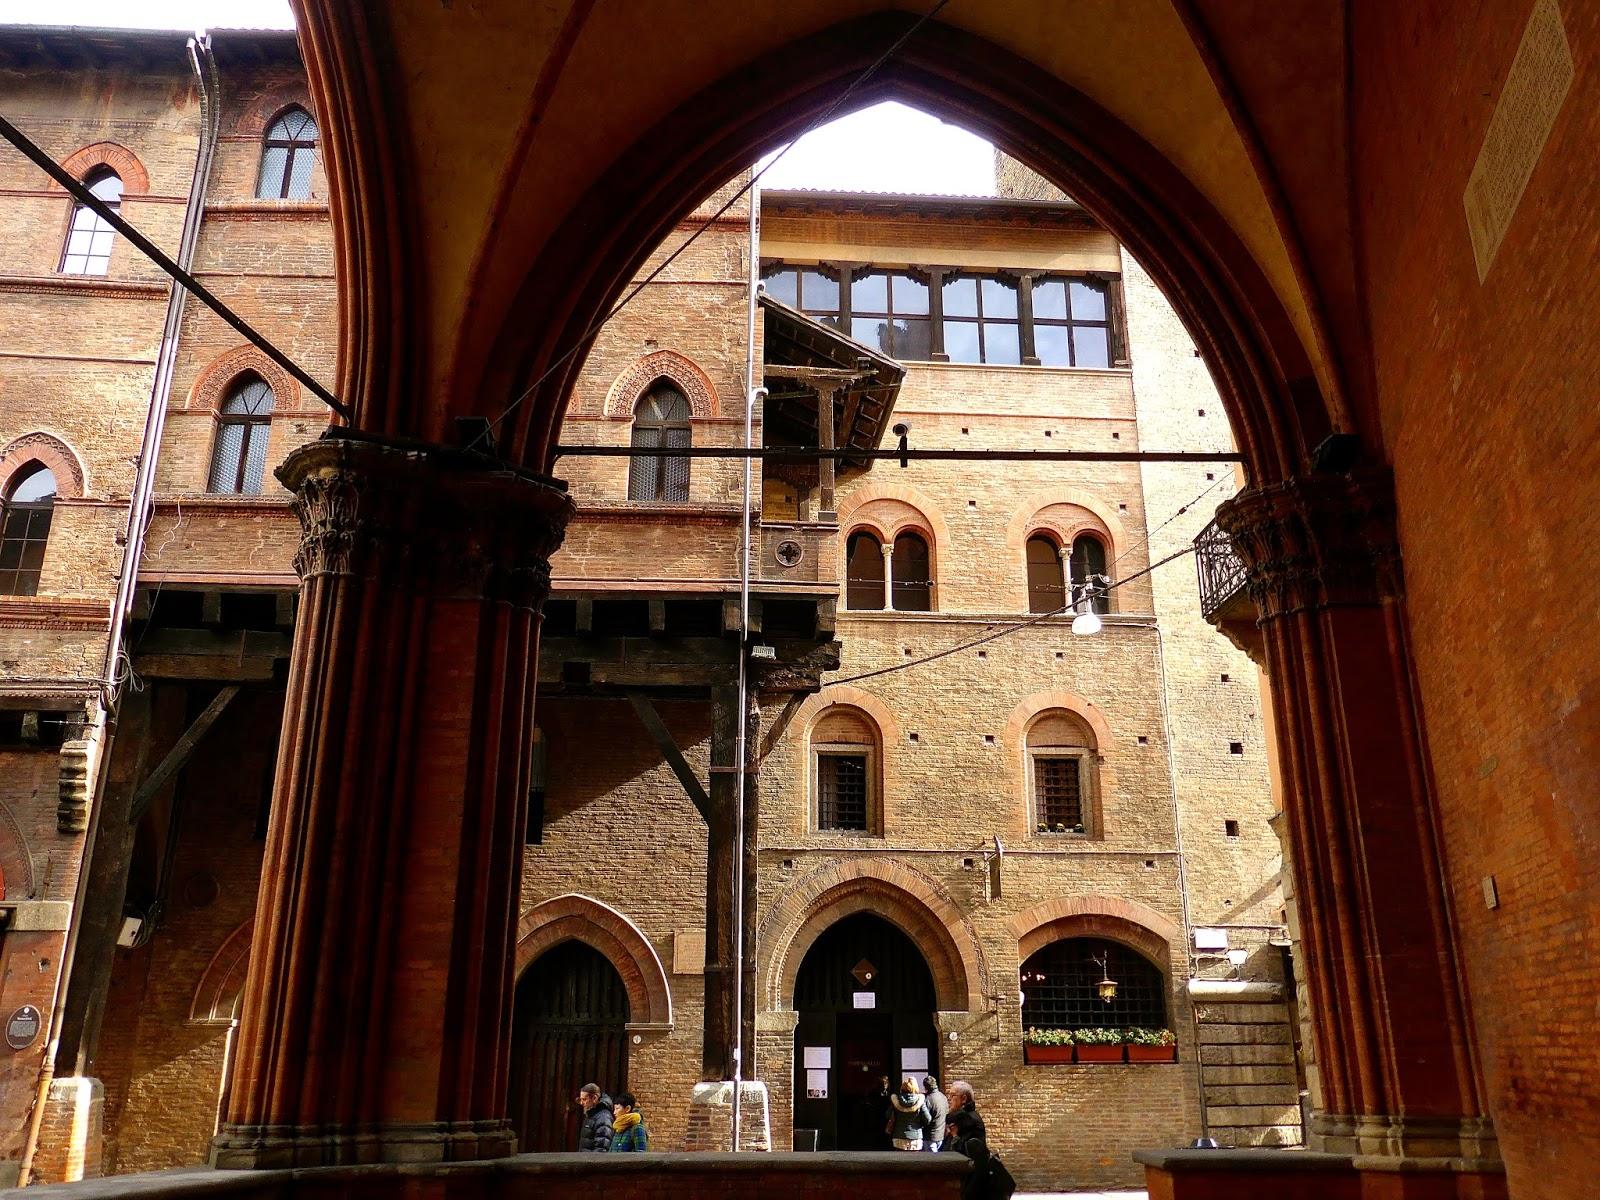 Facciamo un giro in centro case seracchioli e casa bolognini for Casa di architettura gotica